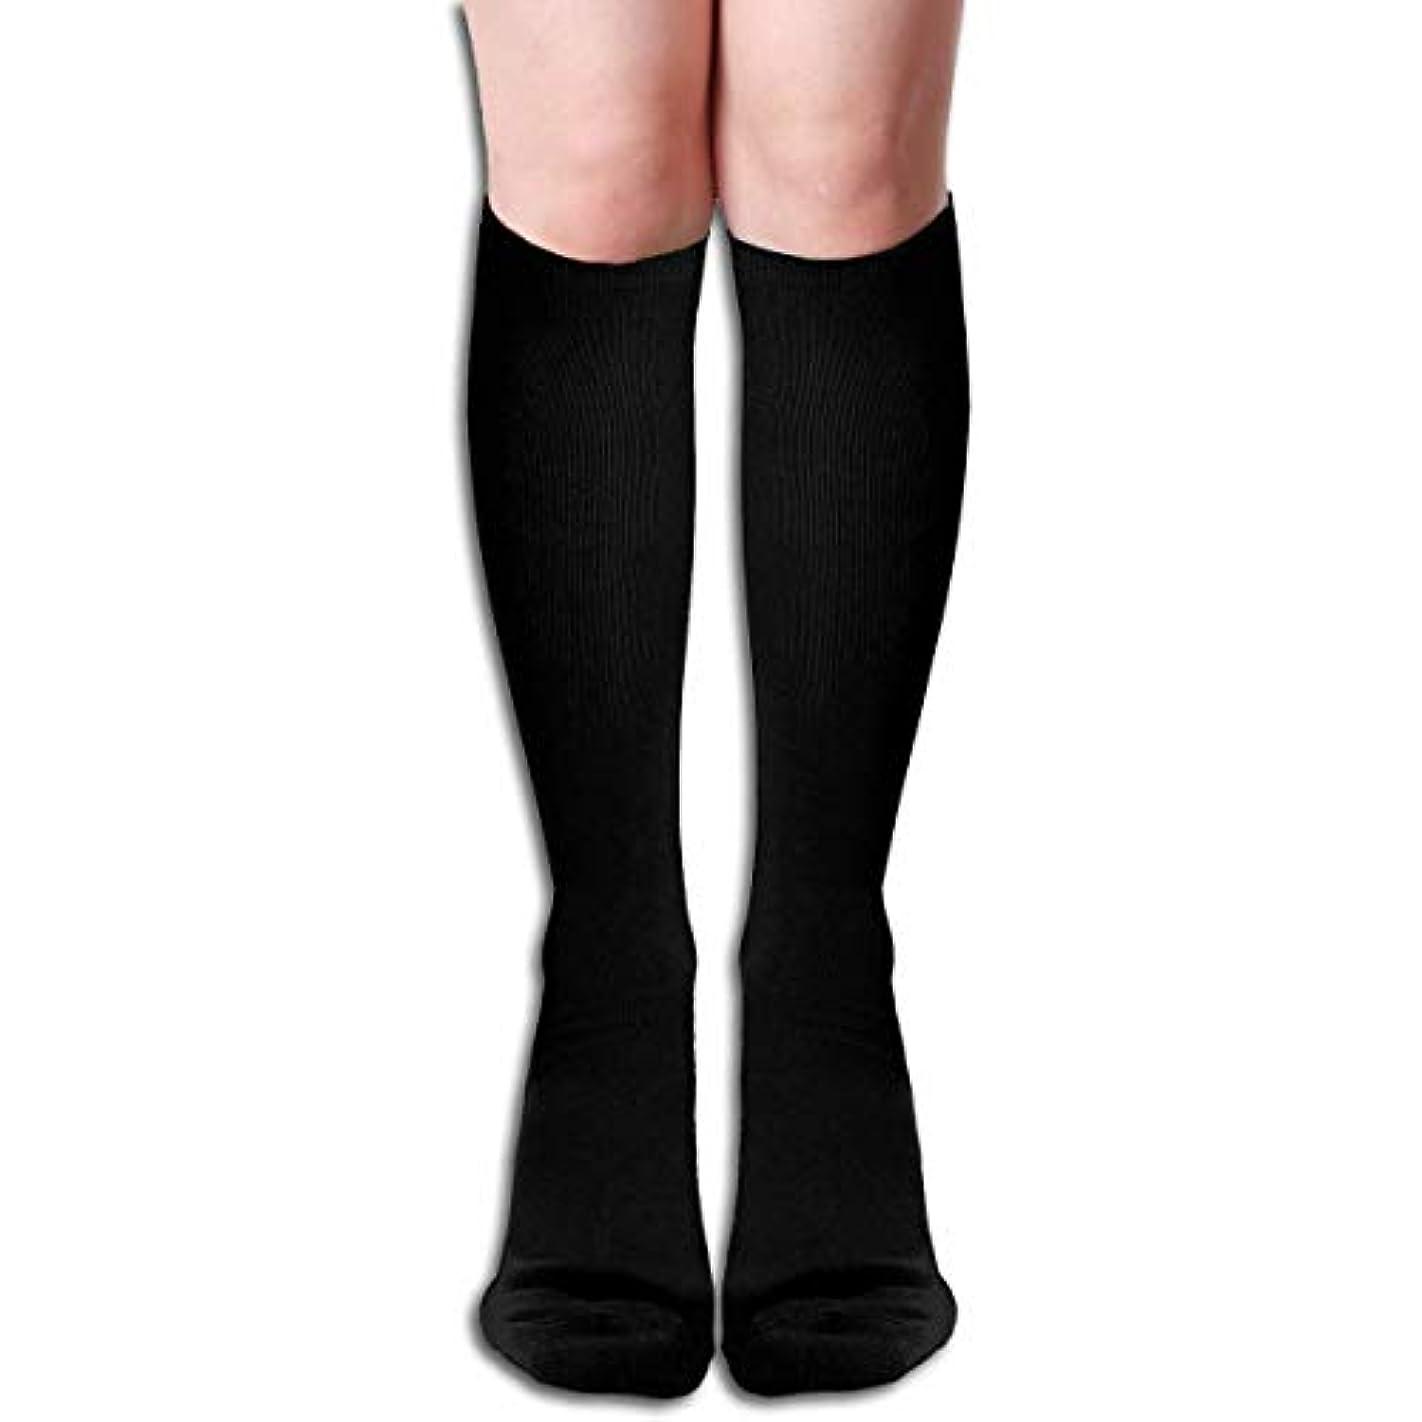 変位コットン隔離するクルーザーレオパードパターン面白いチューブストッキングレディース冬暖かい膝ハイソックスブーツ靴下